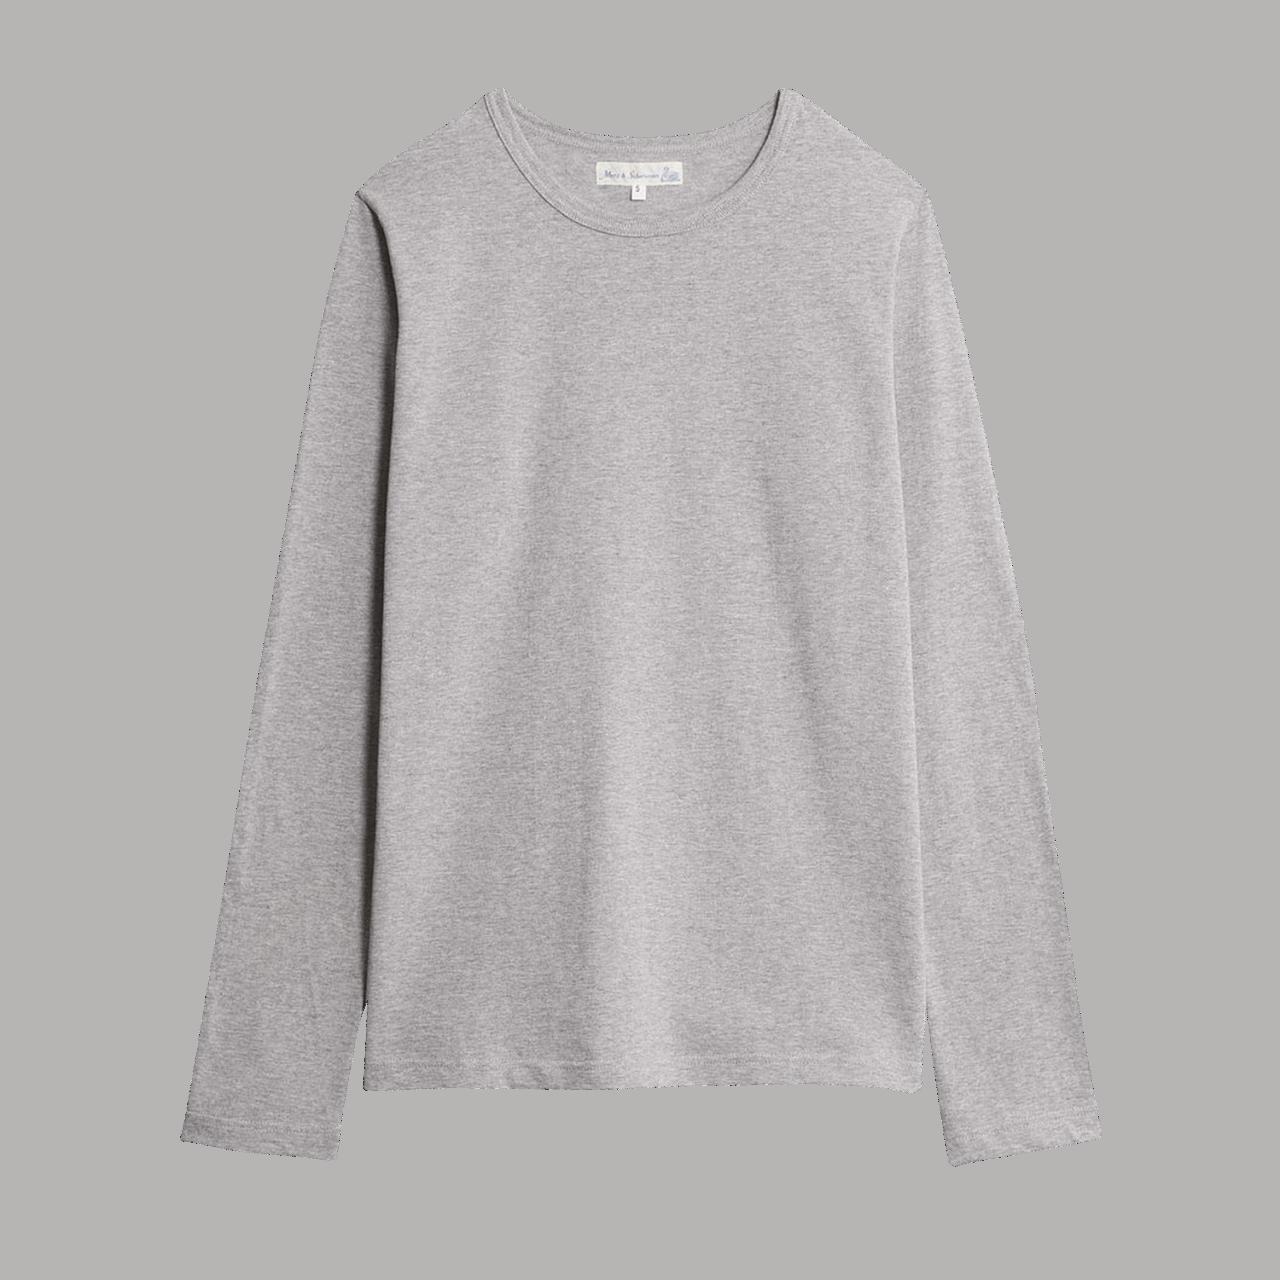 Merz b. Schwanen 1950's Longsleeve -Shirt - grey